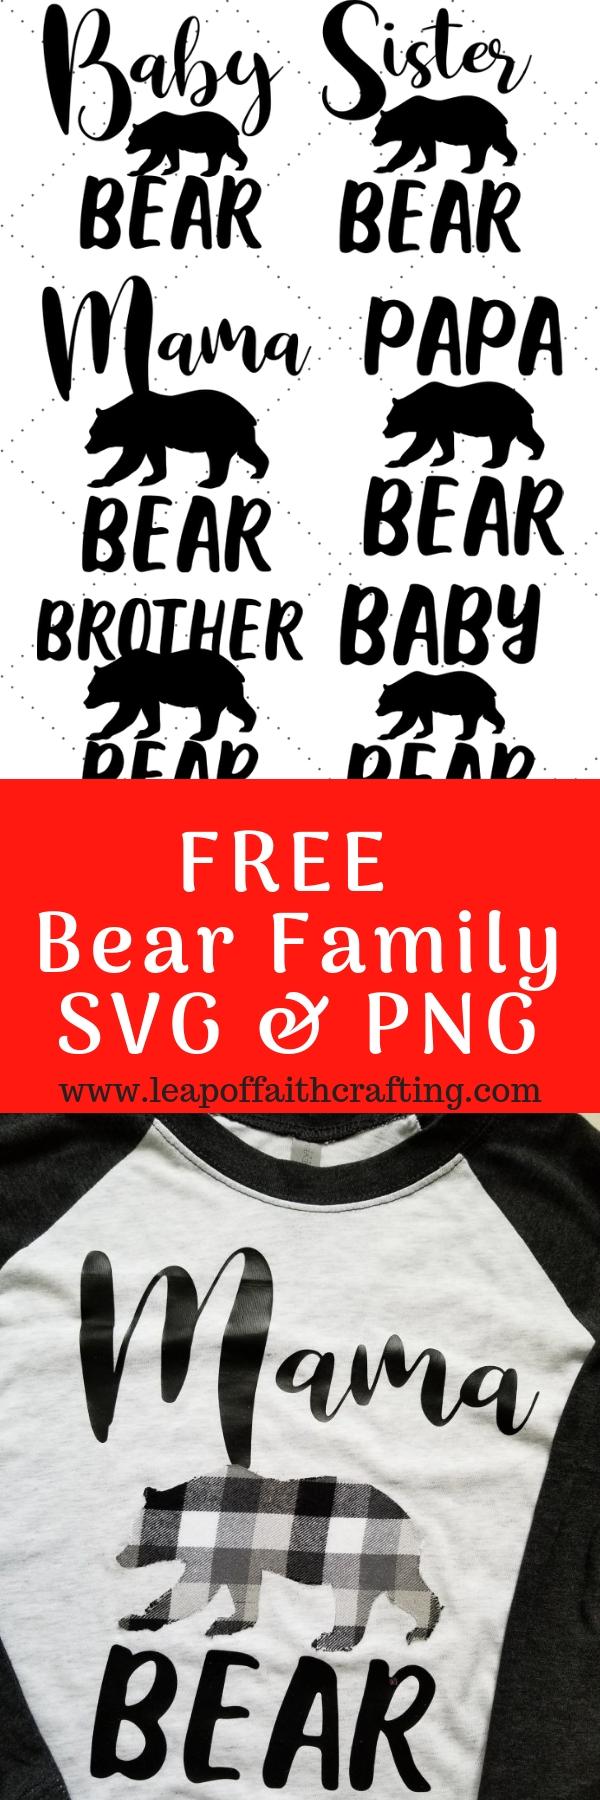 bear svg pin